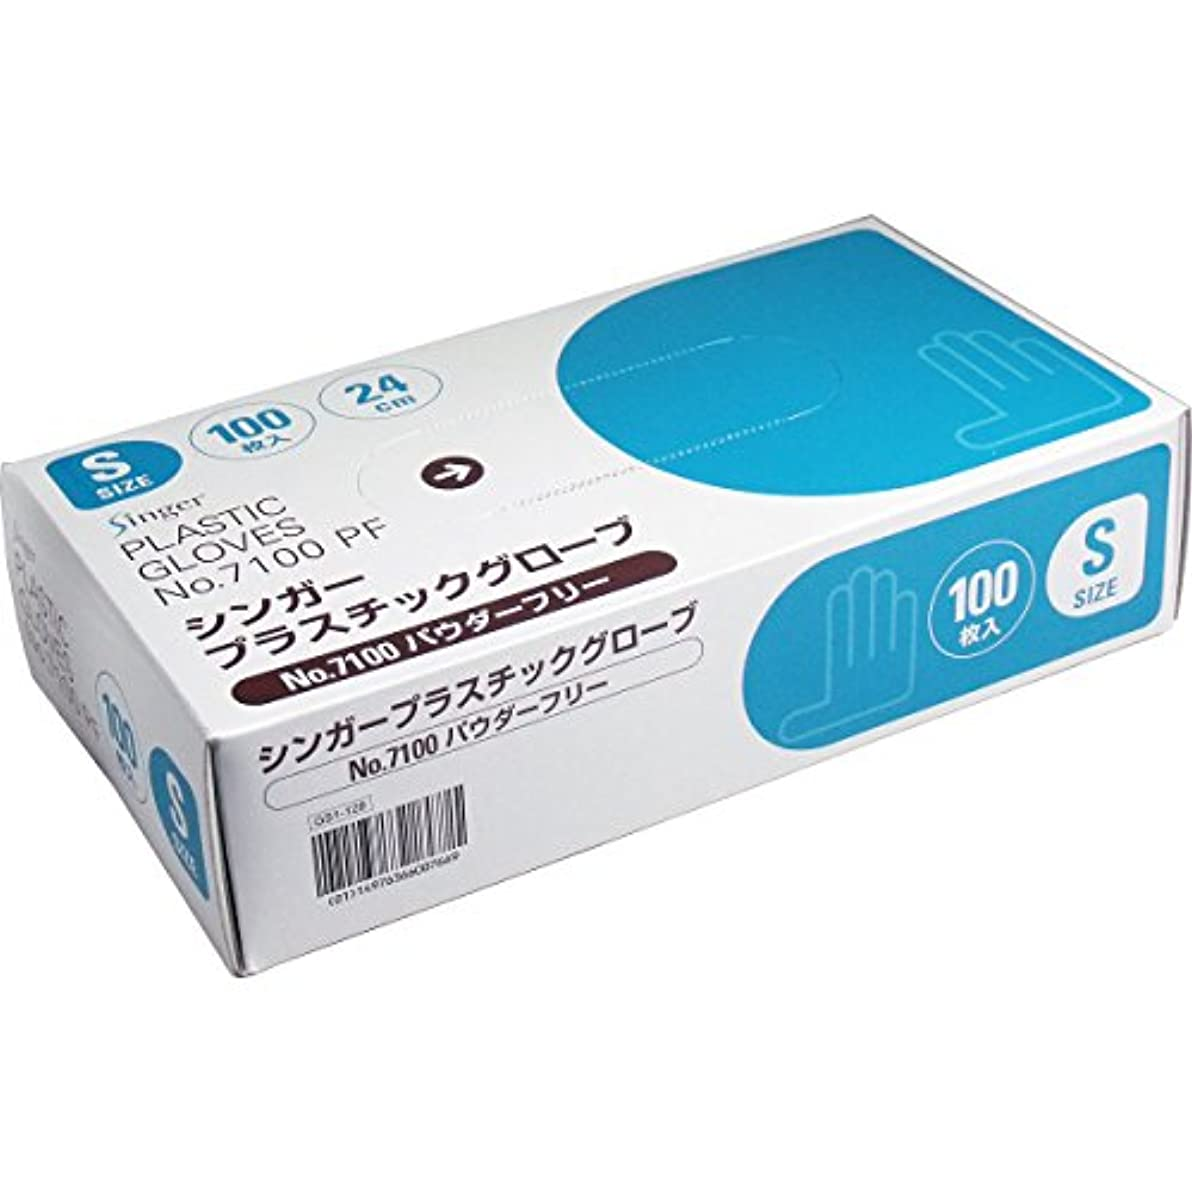 ゴミ箱を空にするルームピークシンガープラスチックグローブ No.7100 パウダーフリー Sサイズ 100枚入×5個セット(管理番号 4976366007662)